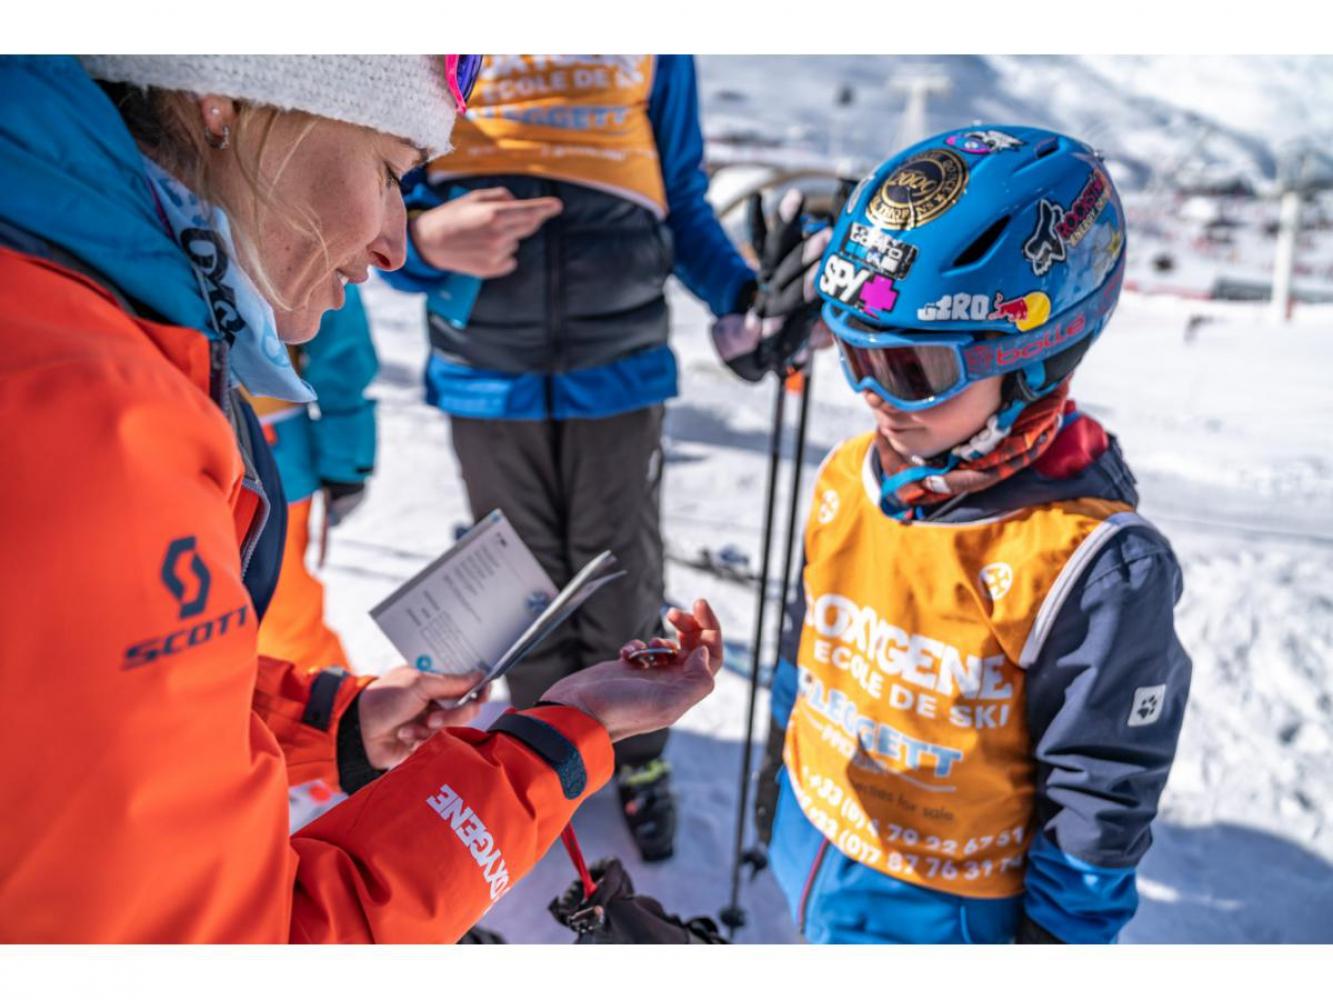 OXYGENE SKI & SNOWBOARD TIGNES